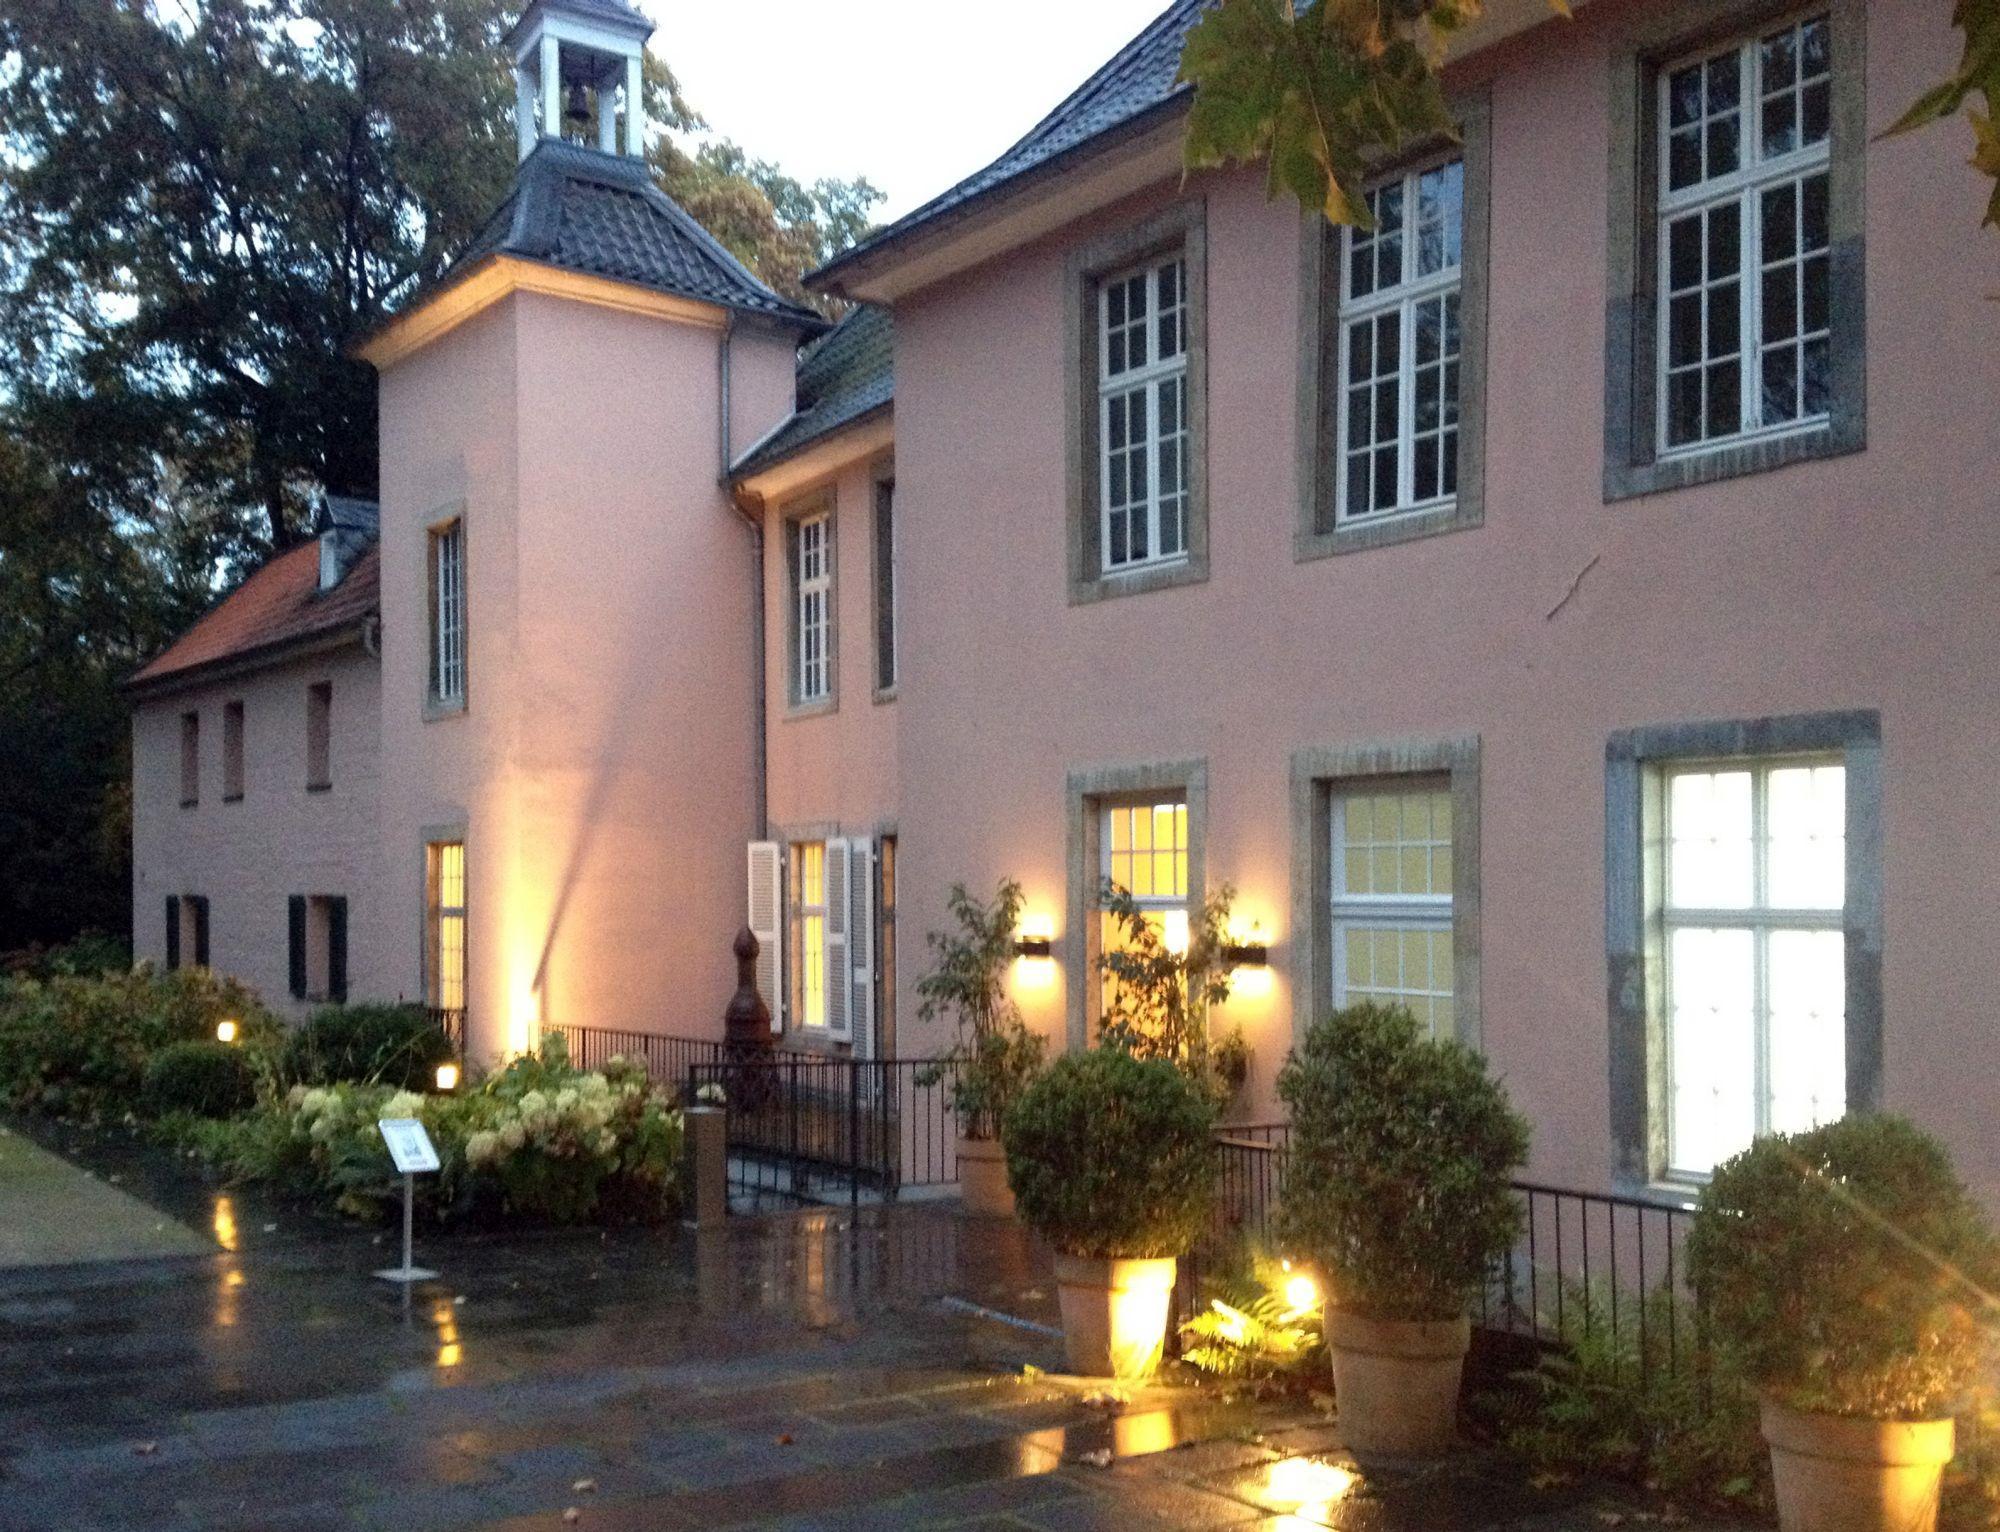 Ansicht vom Jacobihaus (c) Jula2812